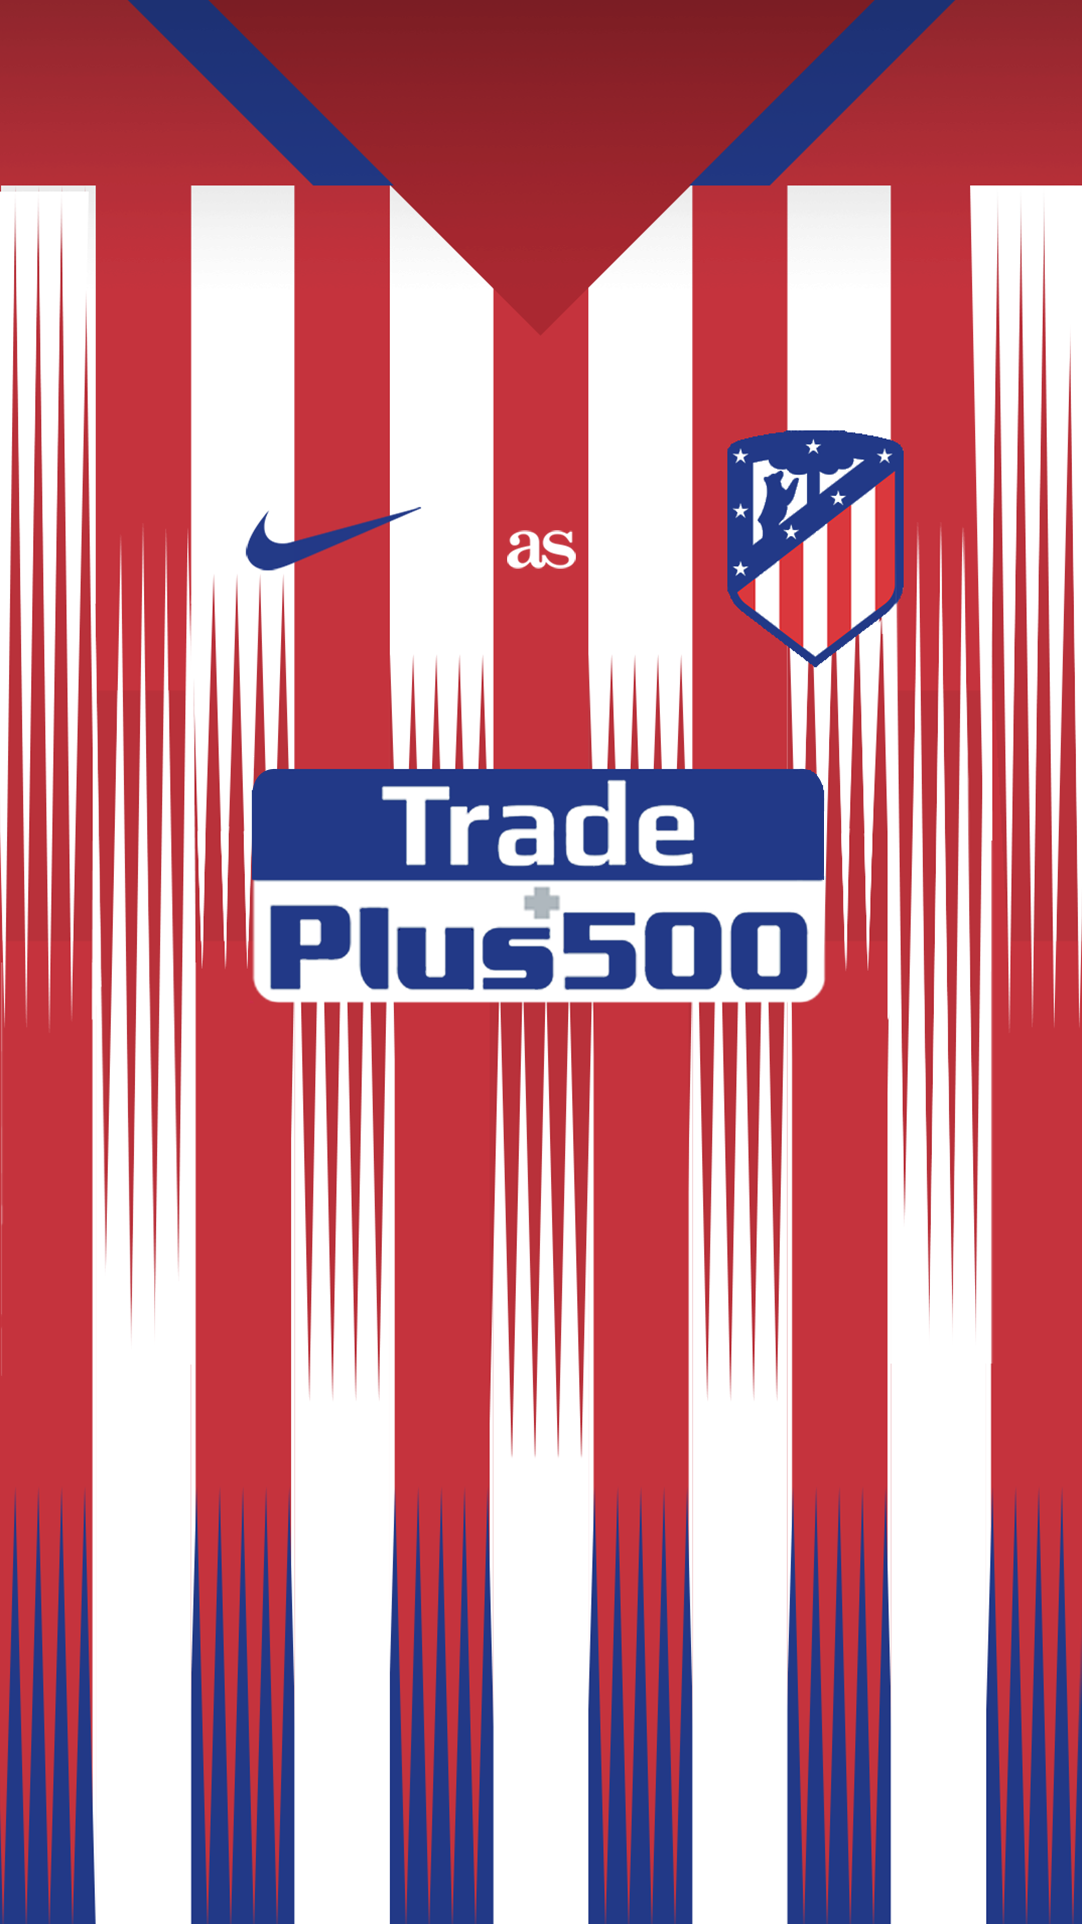 Descárgate gratis con As las camisetas de fútbol de LaLiga - AS.com adb9d1307adf0